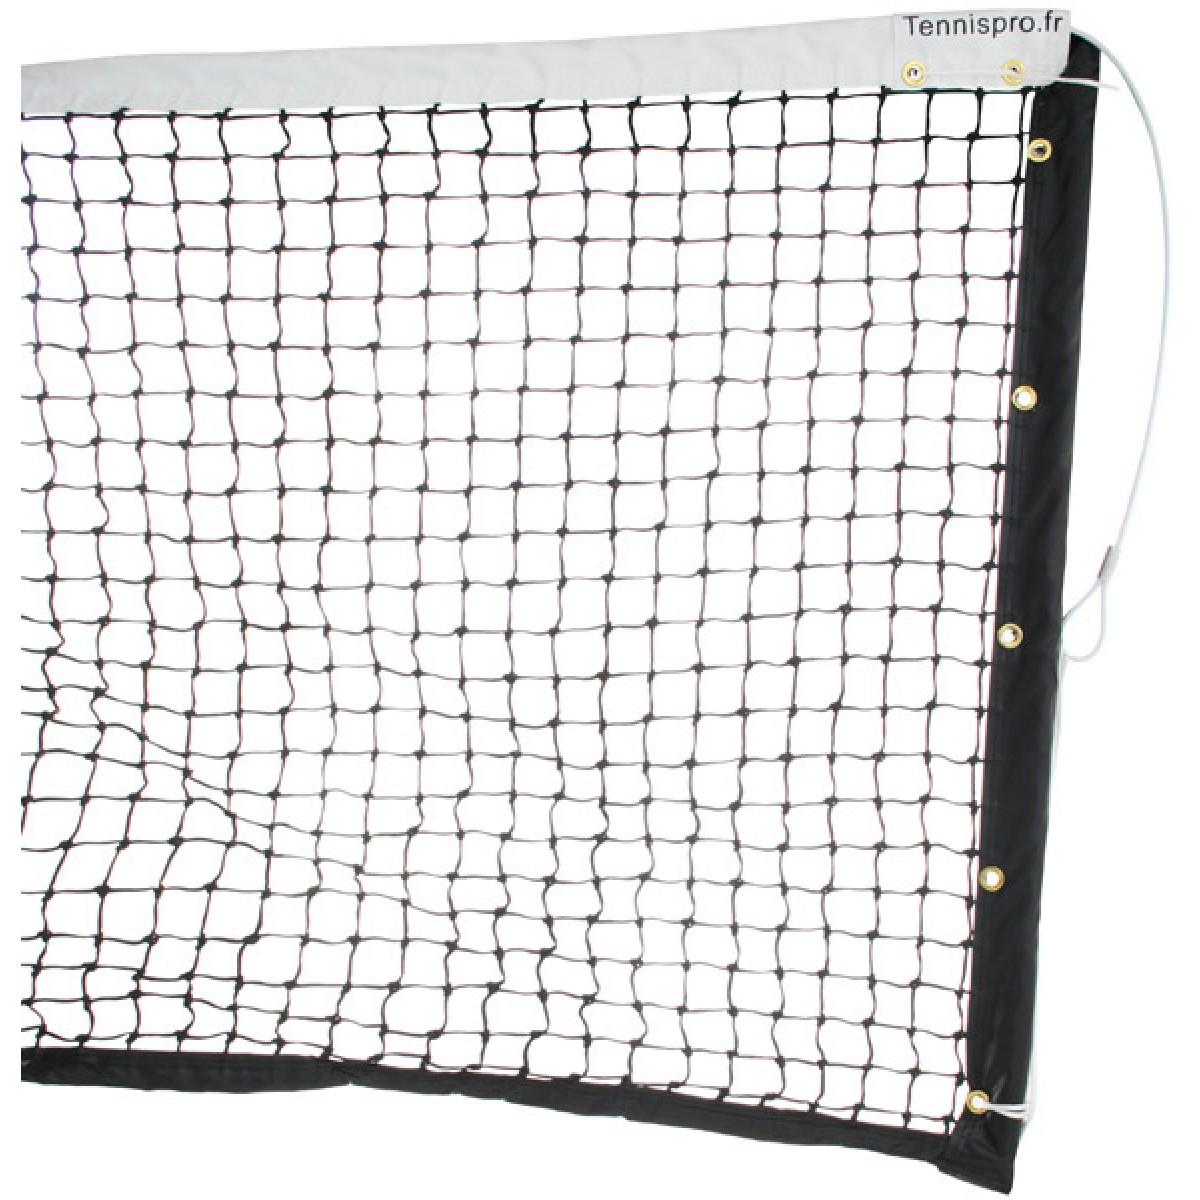 テニスネット(センターベルト付属) ネットコート備品